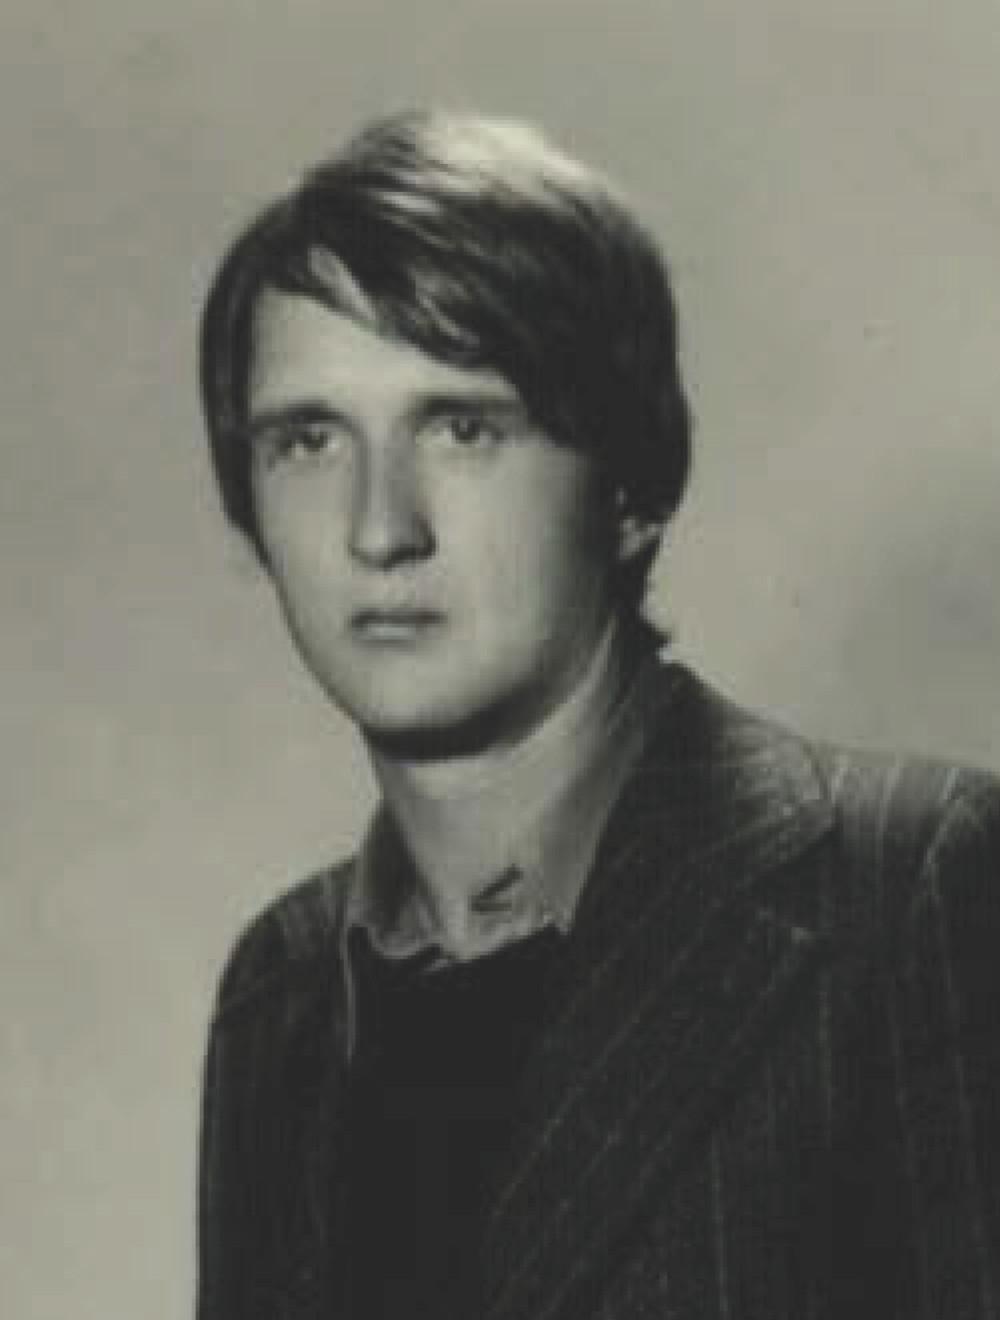 Drzazgowski